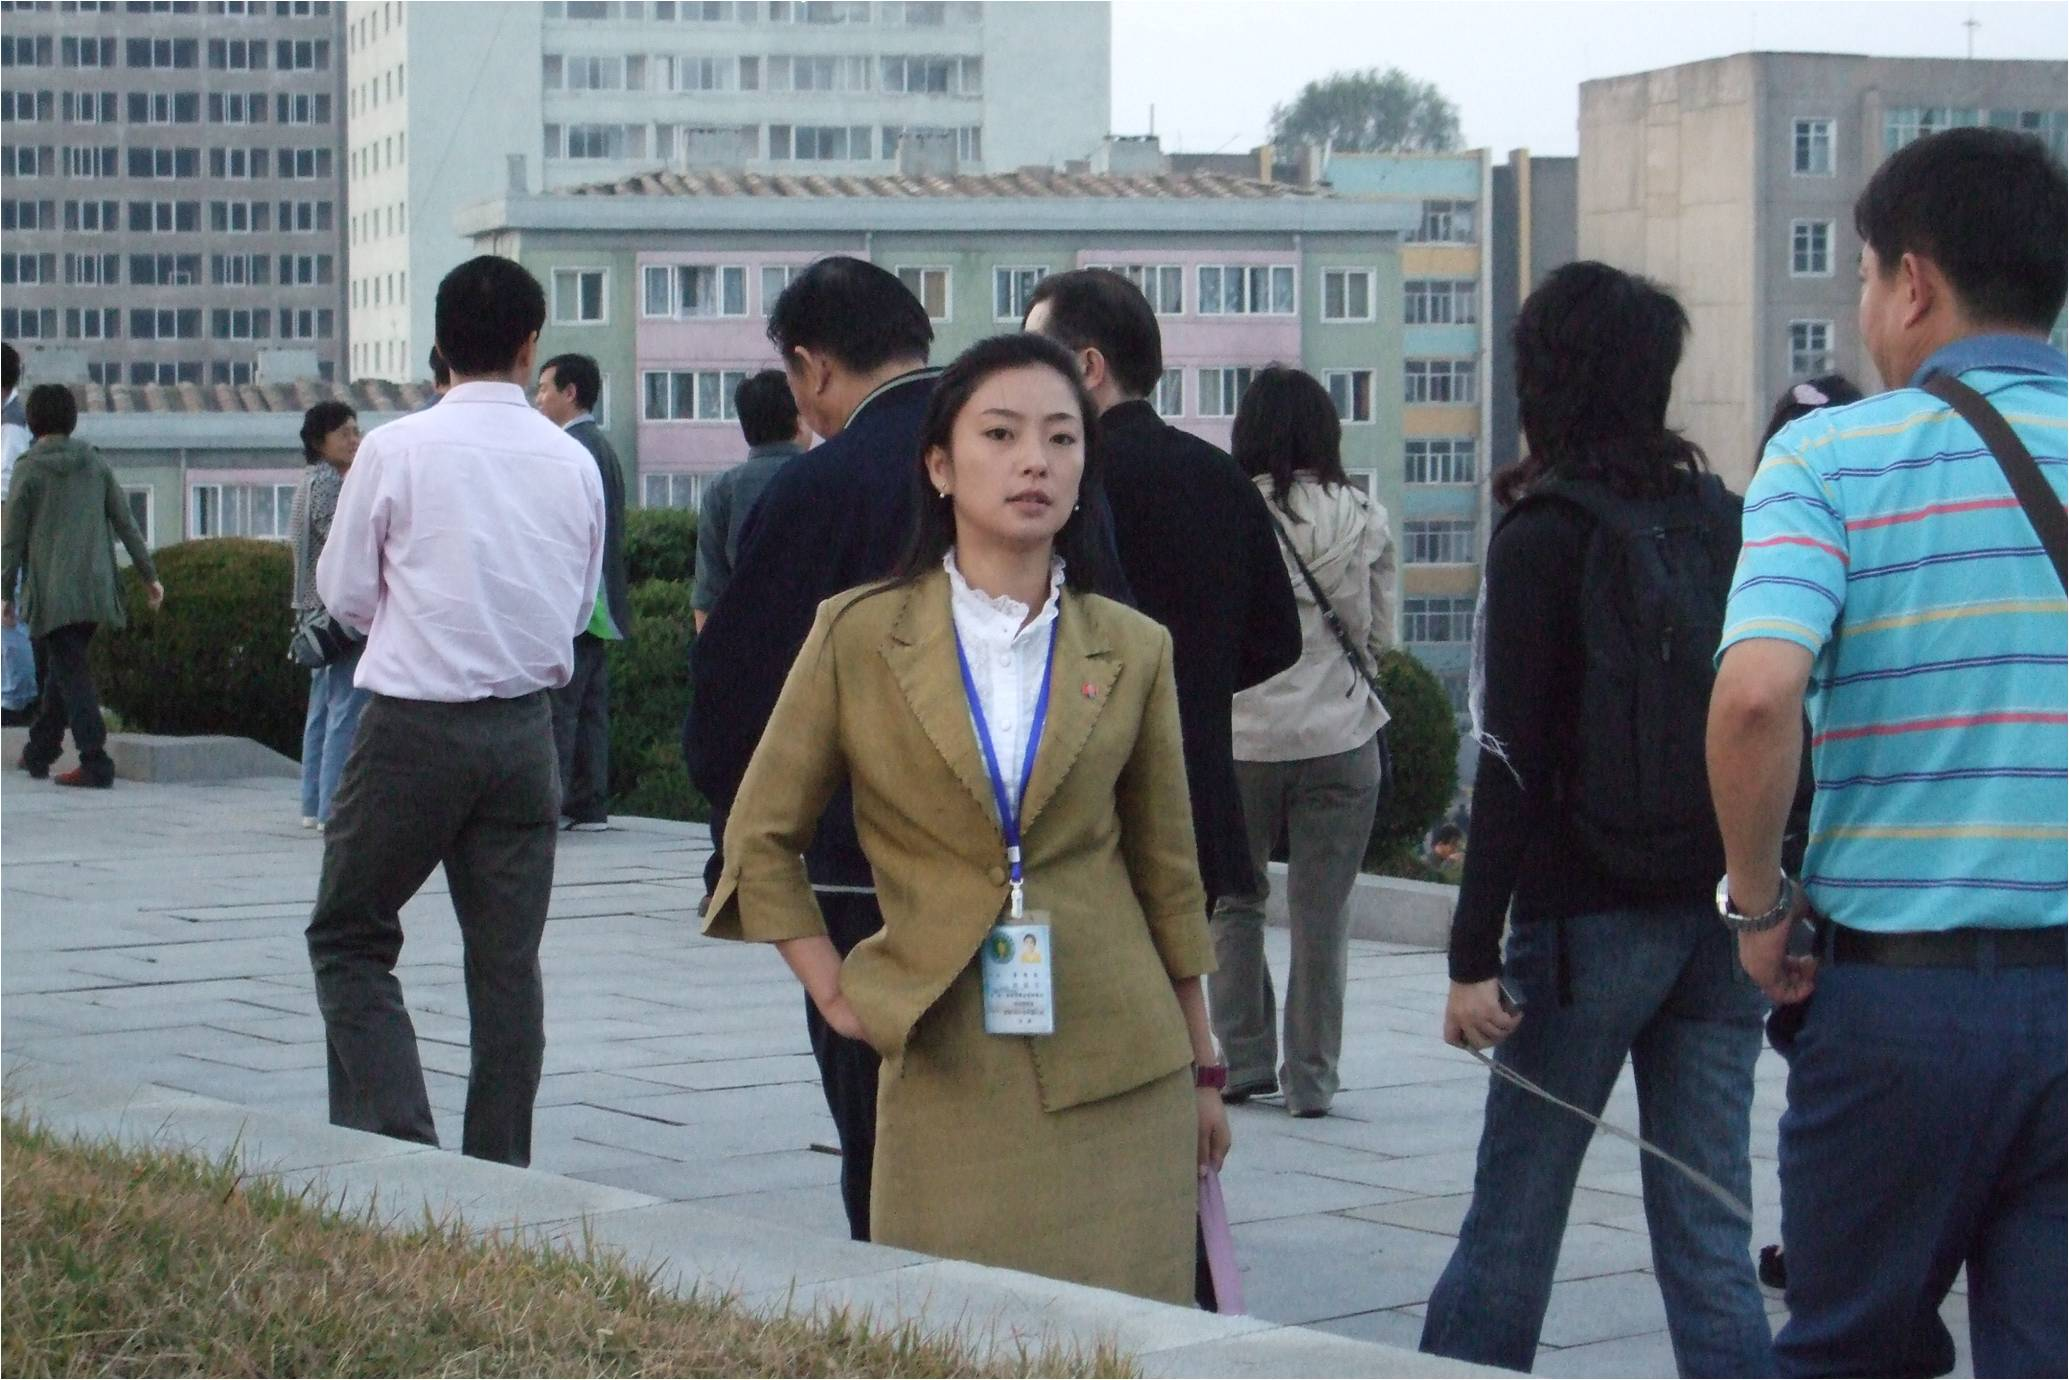 早有准备我们此行将会面对两个朝鲜,一个是堆在表面给你看的,一个藏在深处不让你知道的。但没料到几天下来我所感受到的两个朝鲜却是,男人的朝鲜和女人的朝鲜。 朝鲜的男人绝对符合我所有的预期,黑瘦的脸上深深的沟纹和收紧的腮帮,暗色的西装和棕色的金式夹克上永远象蒙着一层灰土,随时随地都配以直挺的身板和机械的步伐,基本上你看不到一丝男人的笑容。 男人的朝鲜是军事的朝鲜,是斗争的前沿。 而女人的朝鲜里,谢天谢地,女人仍然还是真正的女人,这让朝鲜多少还有些优美的线条。即便是在乡间,女性的元素都很明显,彩色的衣服印花的头巾